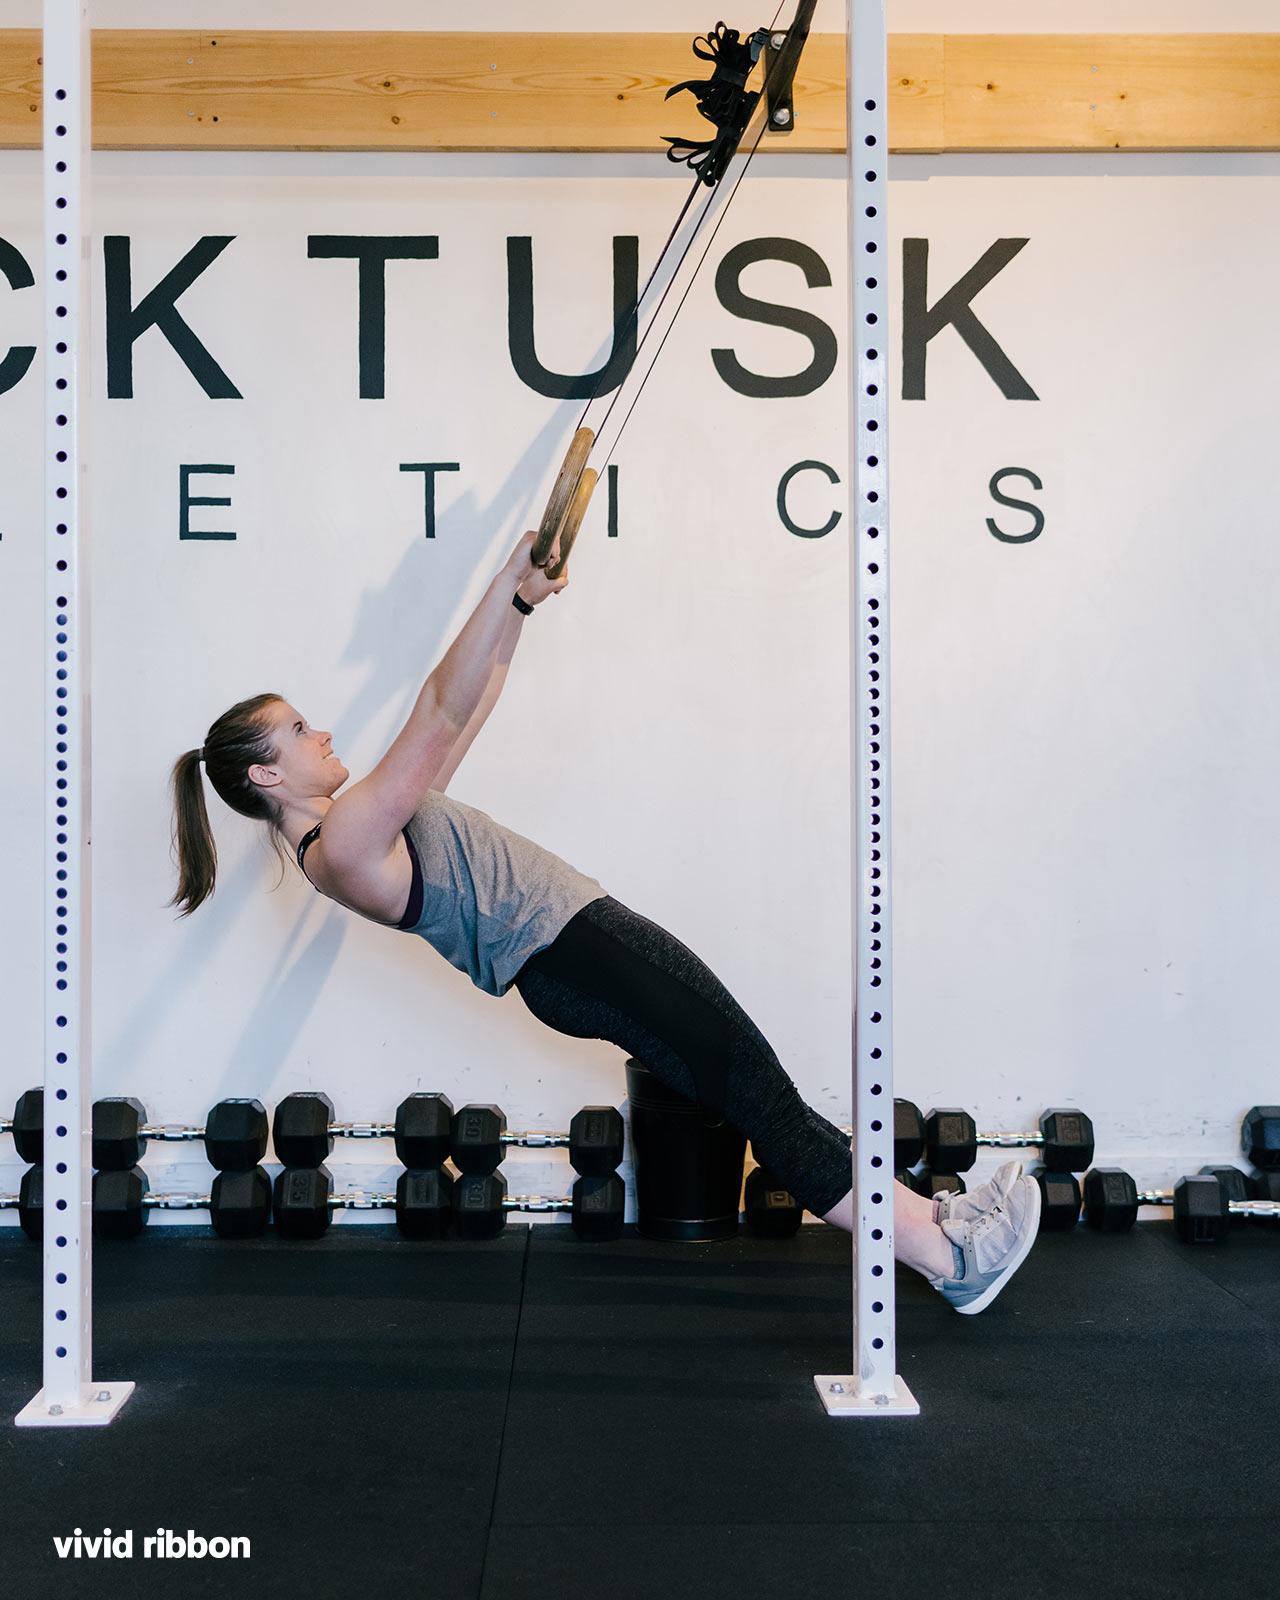 Black Tusk Athletics